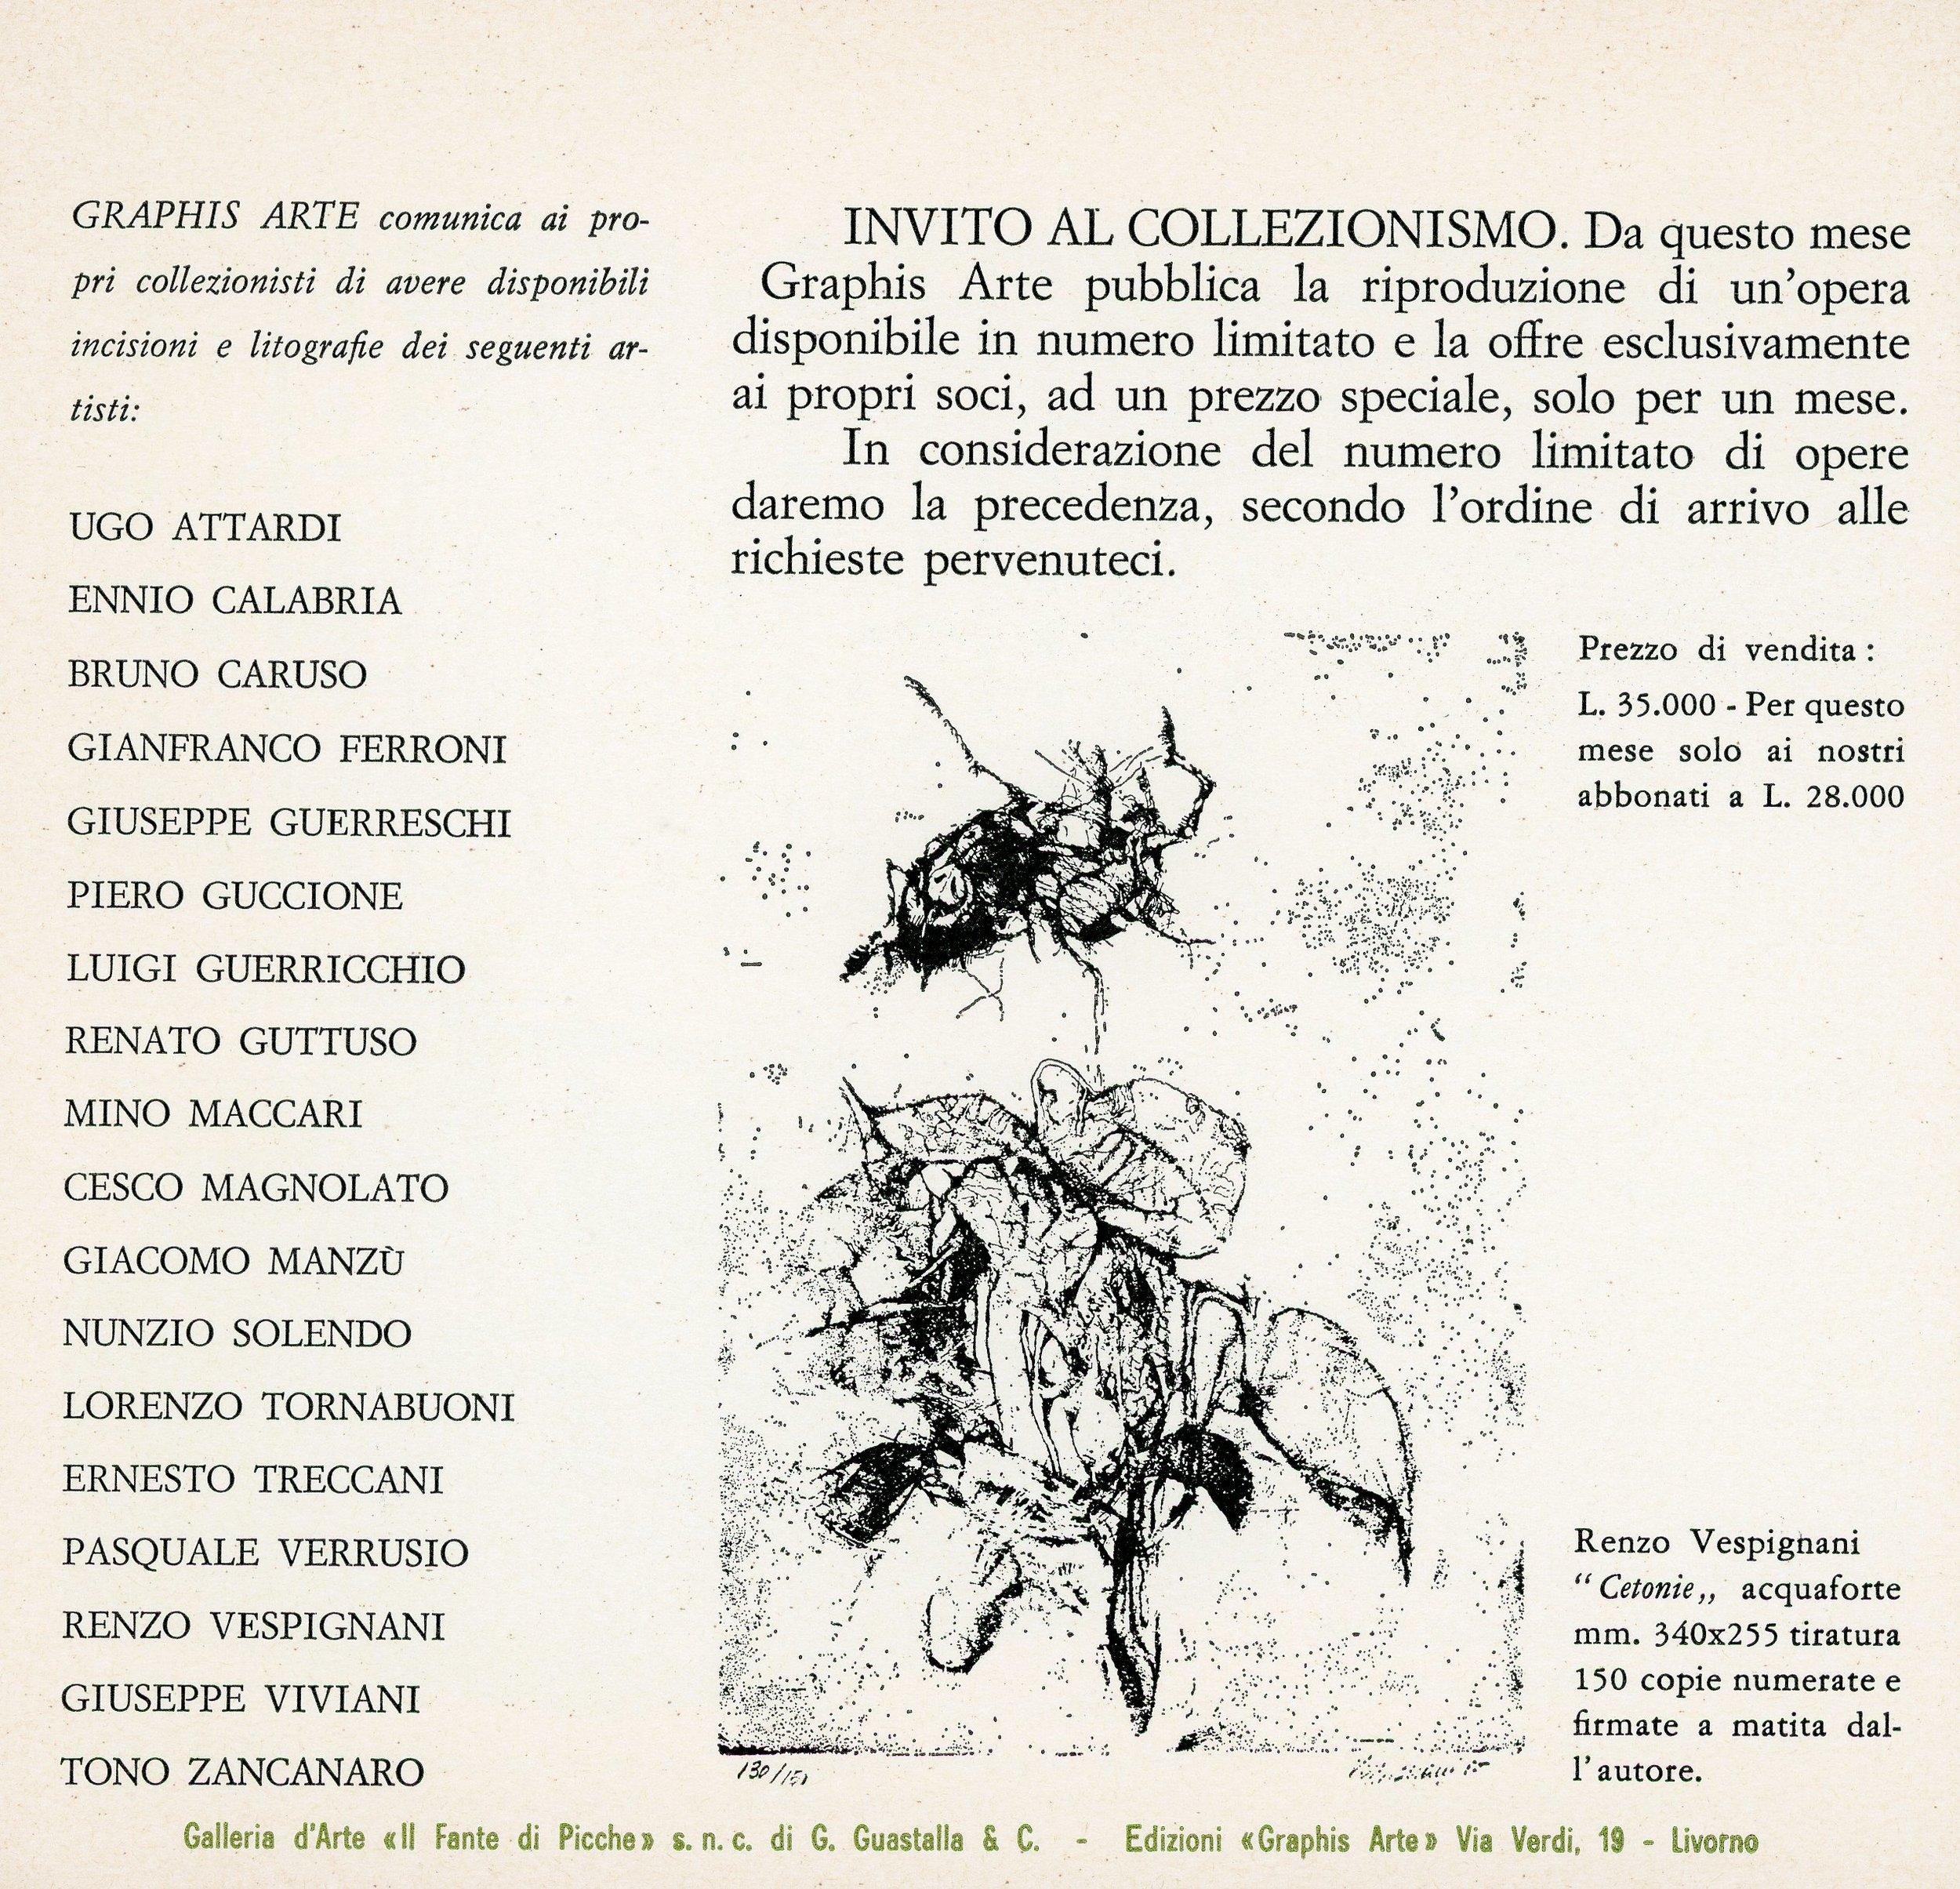 1968-01 Graphis Arte - Bruno Caruso_04.jpg